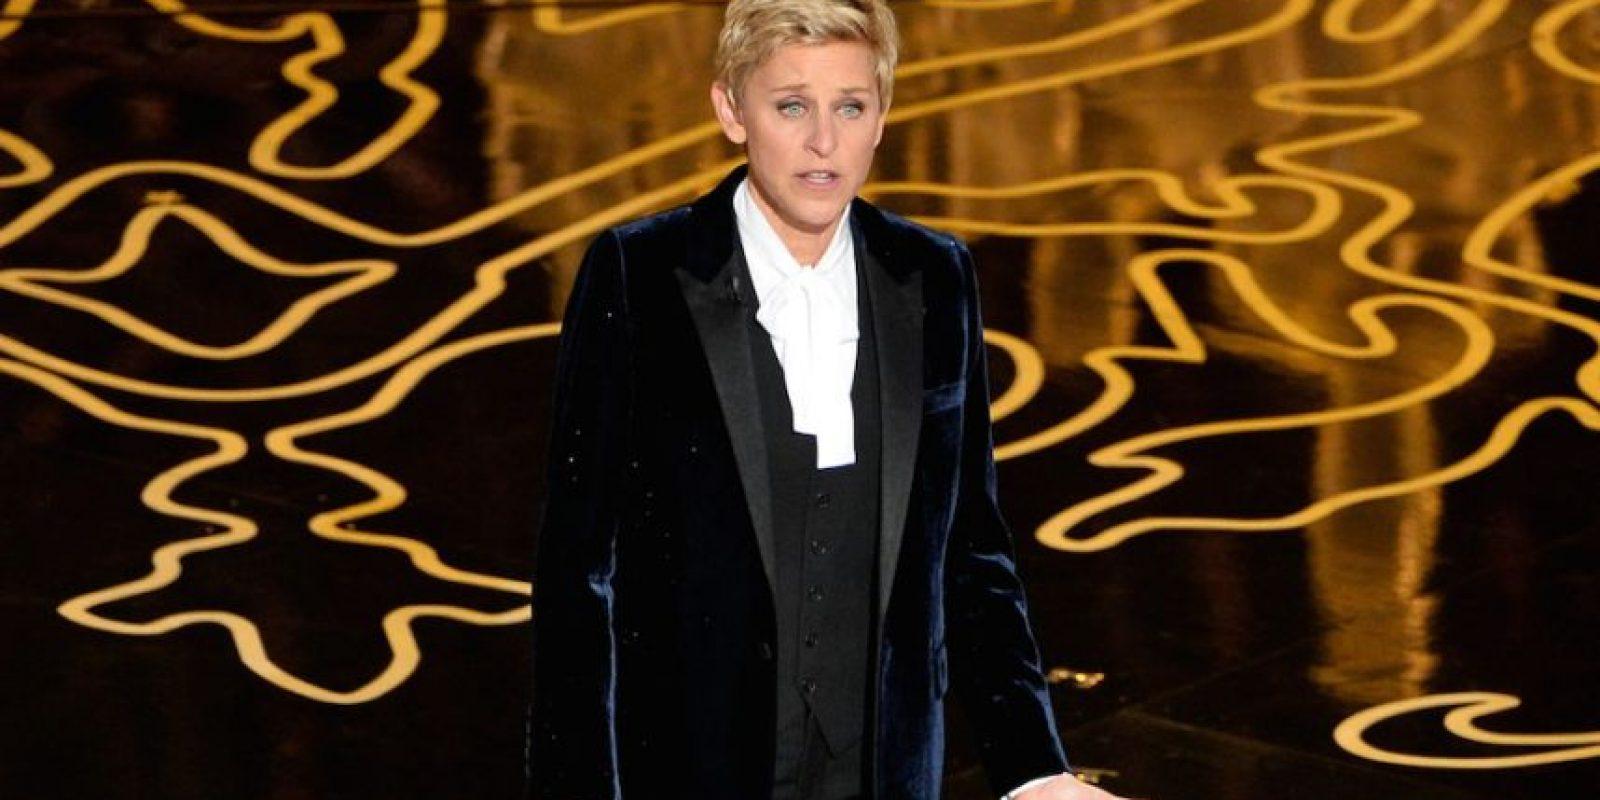 DeGeneres, presentadora estadounidense de 57 años de edad, hizo famoso un selfie en la entrega del Óscar 2014 en el que aparecen Julia Roberts, Bradley Cooper, entre otros. Foto:Getty Images